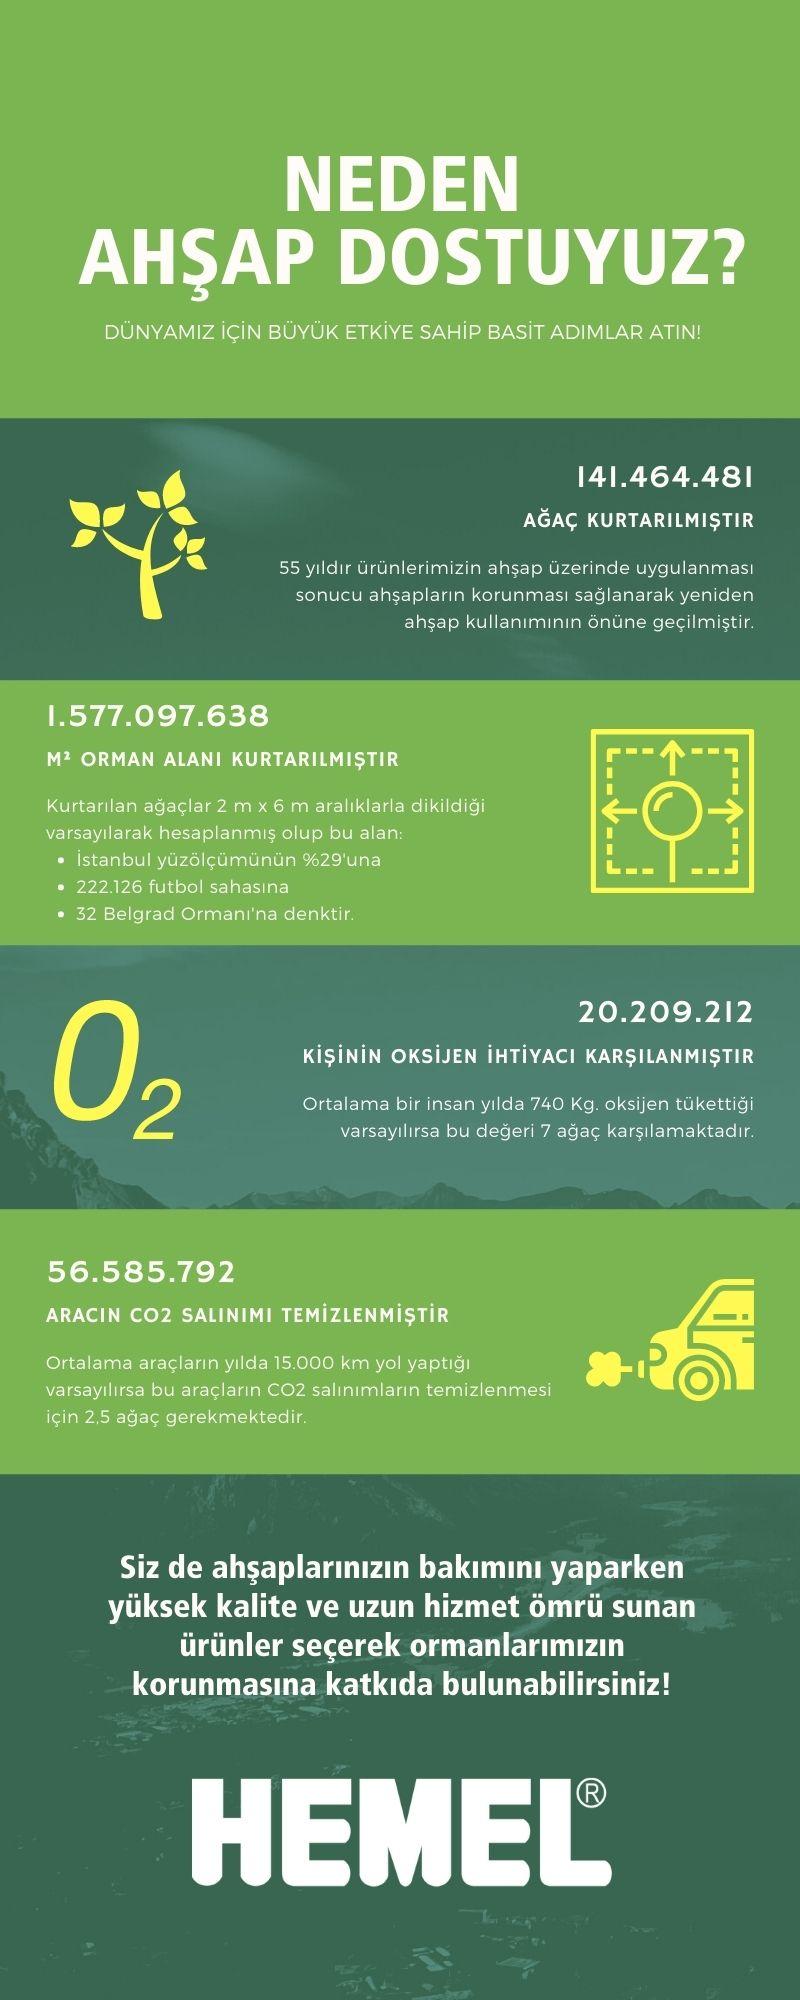 infografik_tr1.png (412 KB)